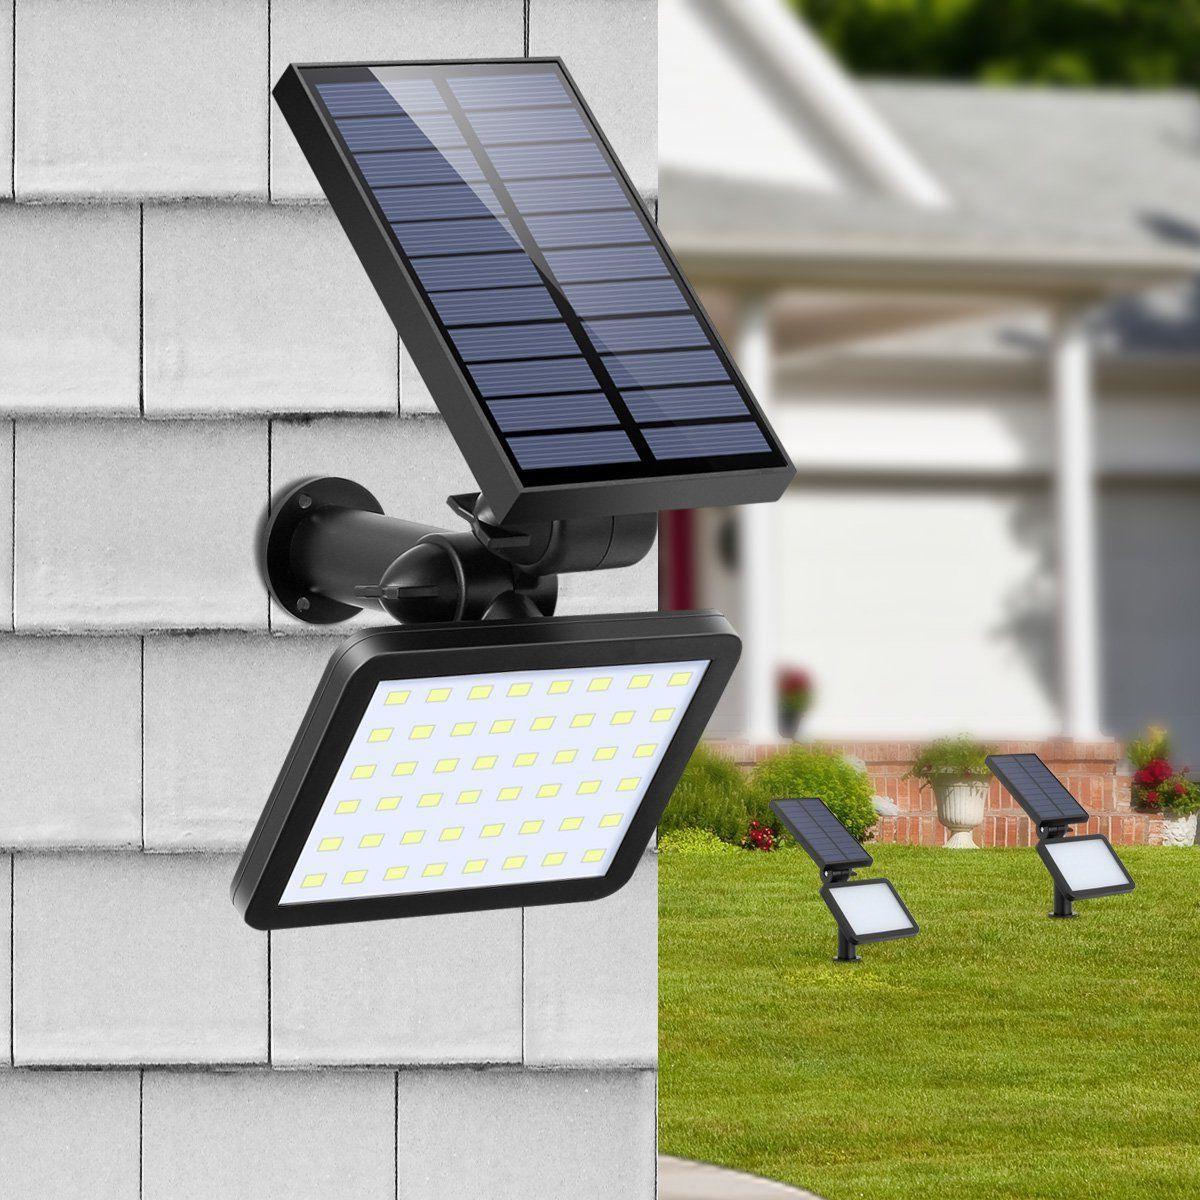 48LED Power Spotlight Garden Lawn Lamp Lights Waterproof